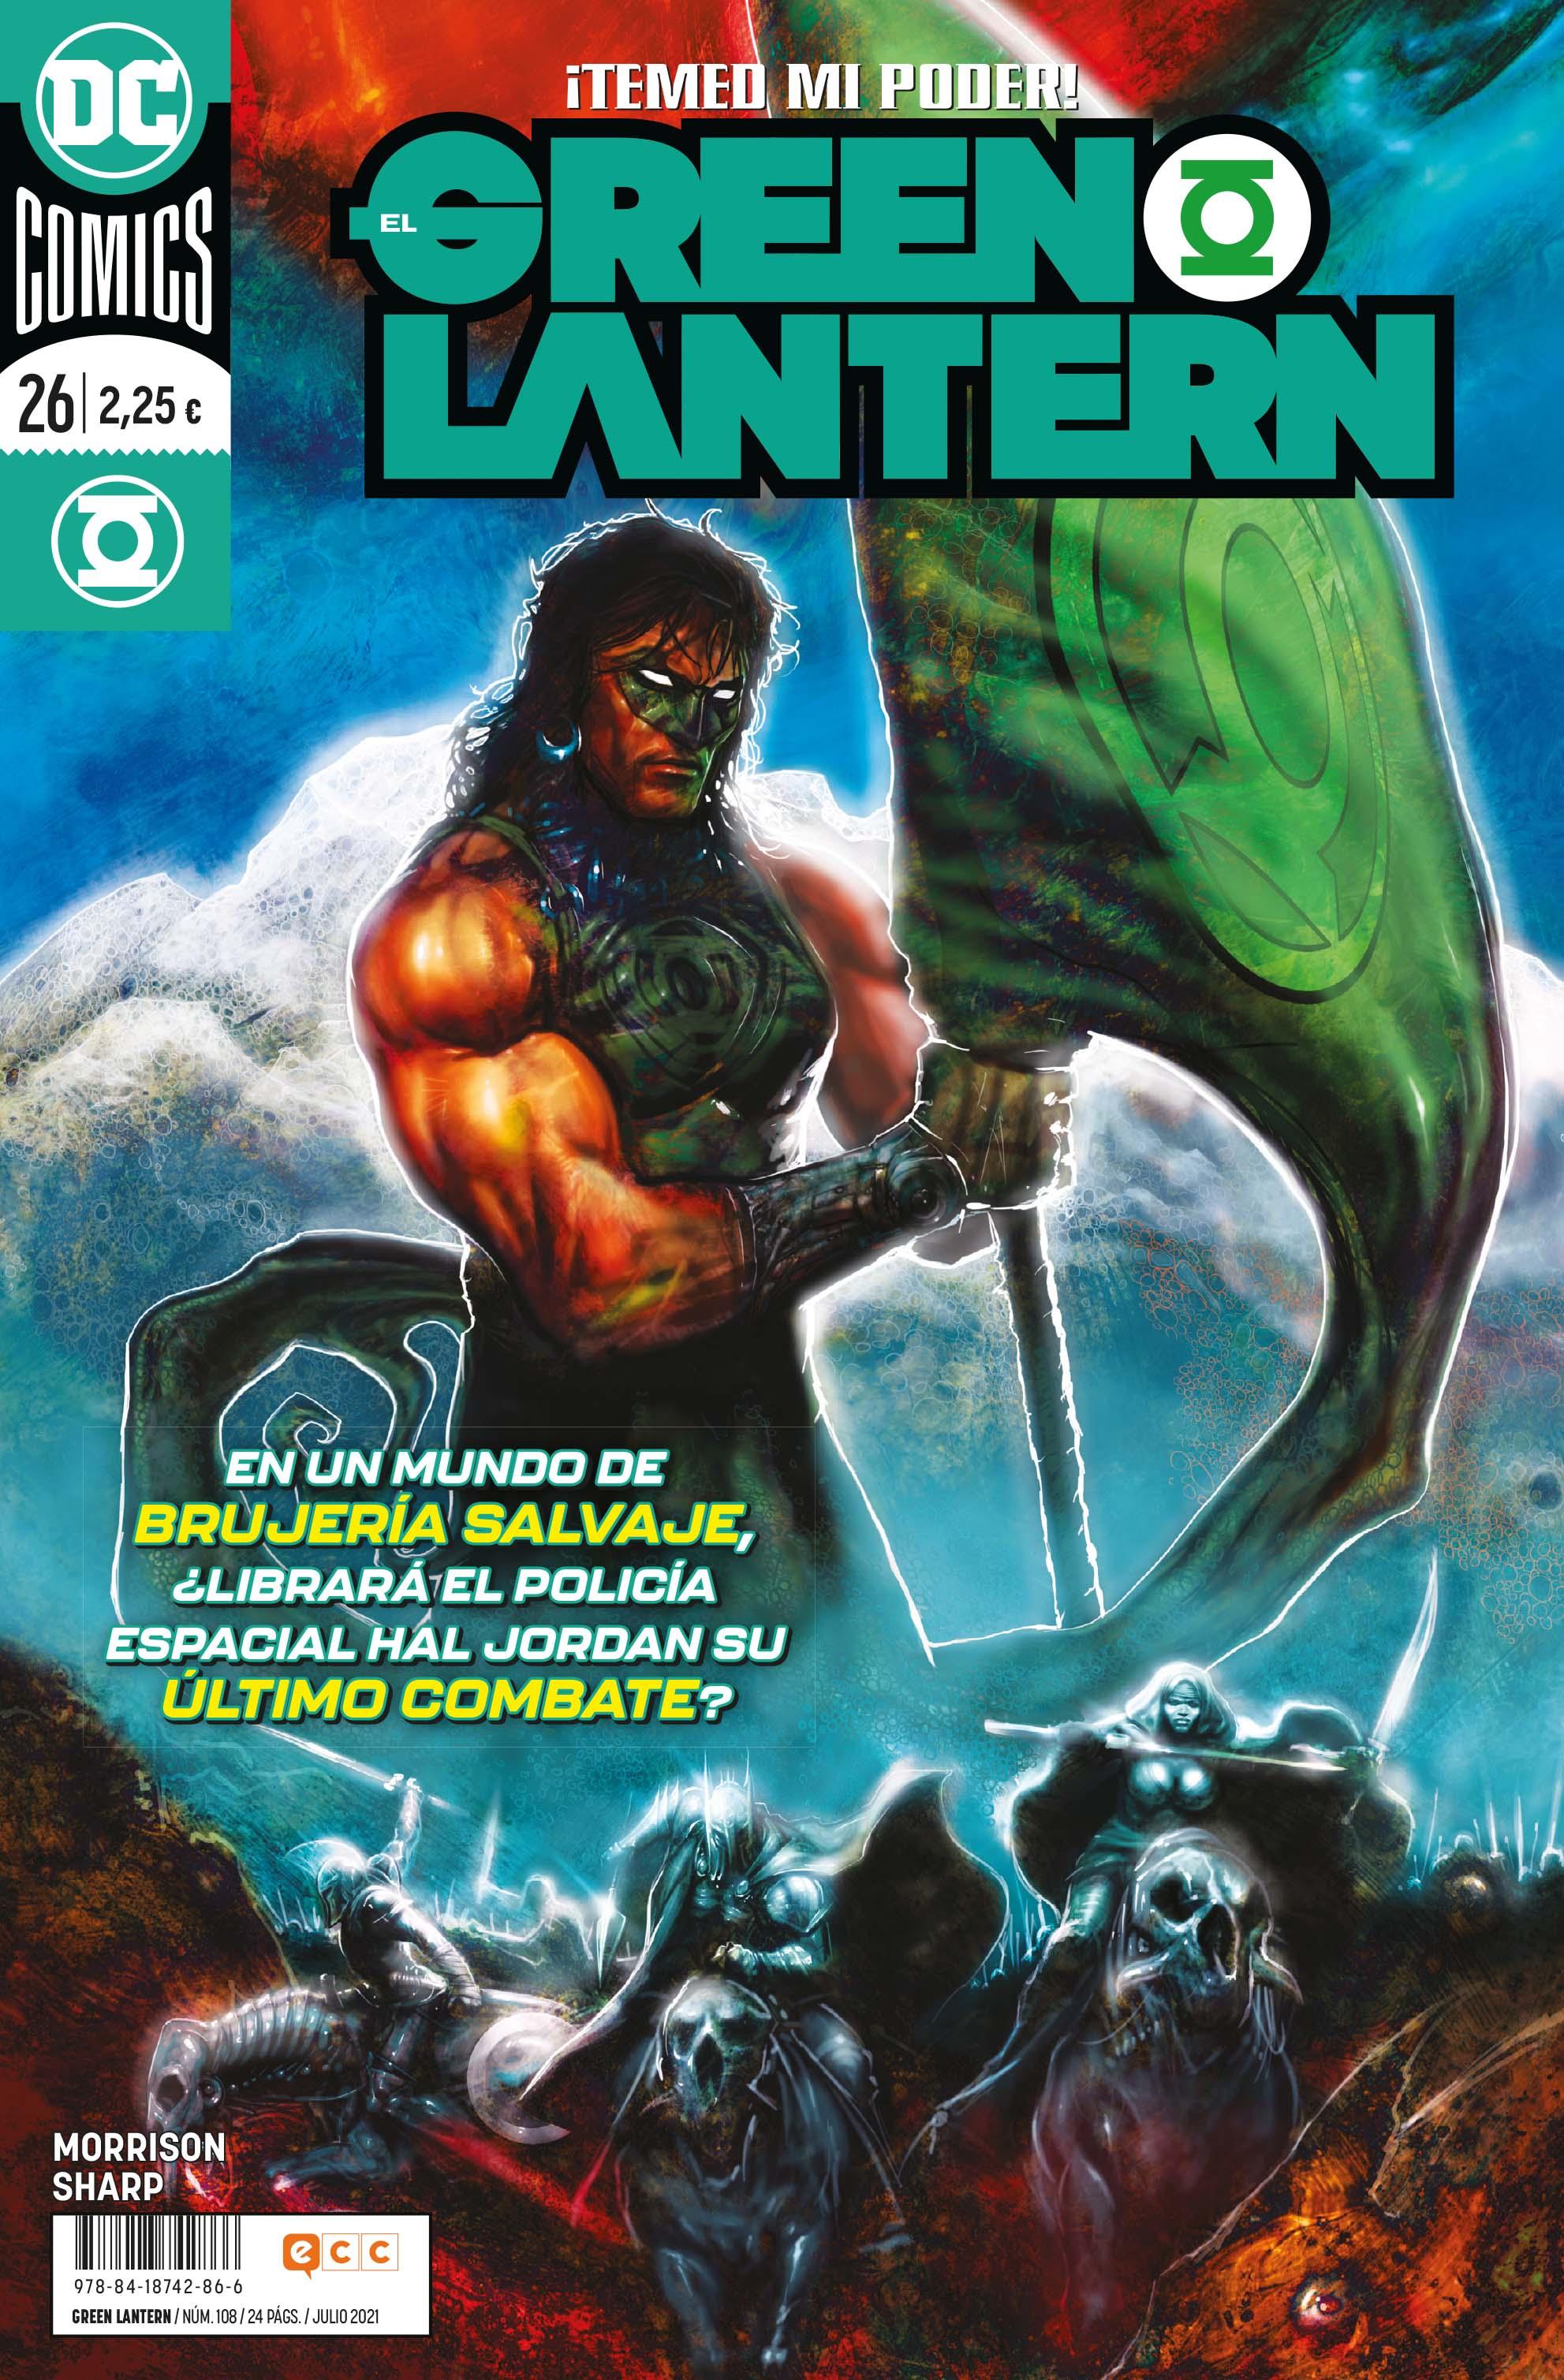 El Green Lantern núm. 108/26